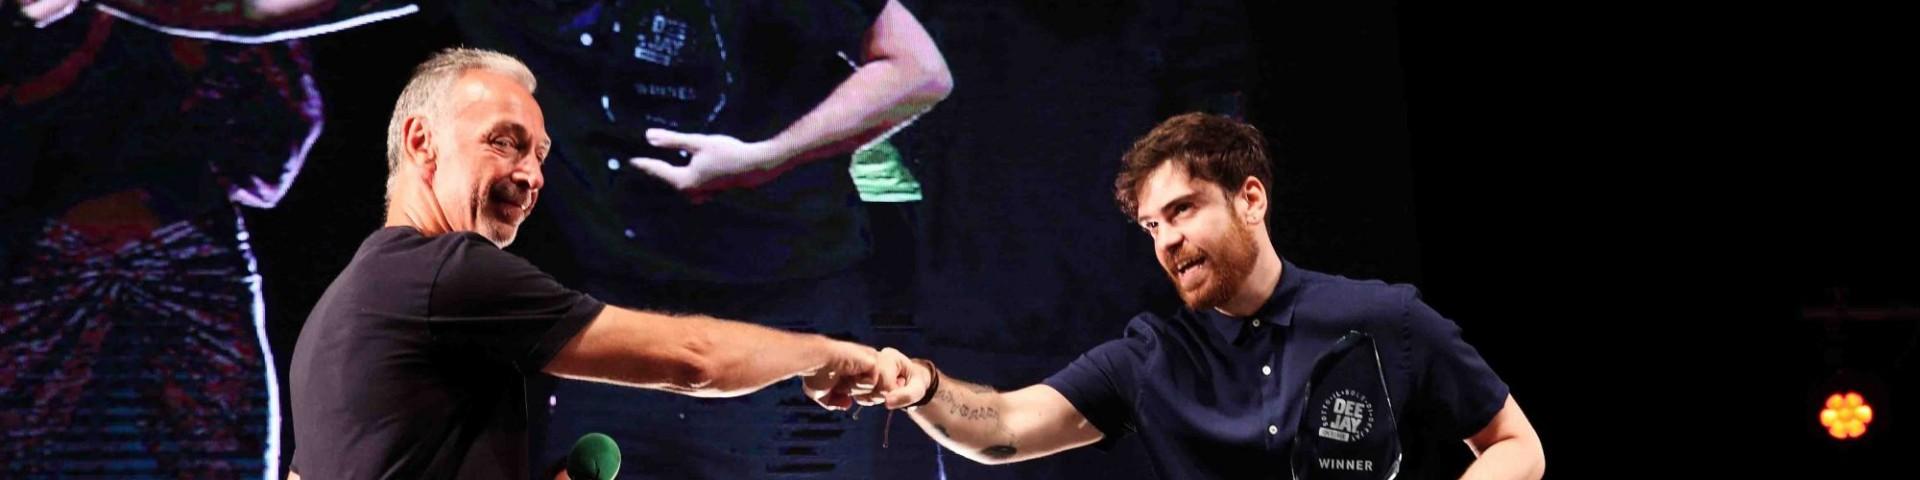 """Cristiano Turrini: """"Con Deejay On Stage mi sono sentito nella 'palestra dei grandi'"""""""